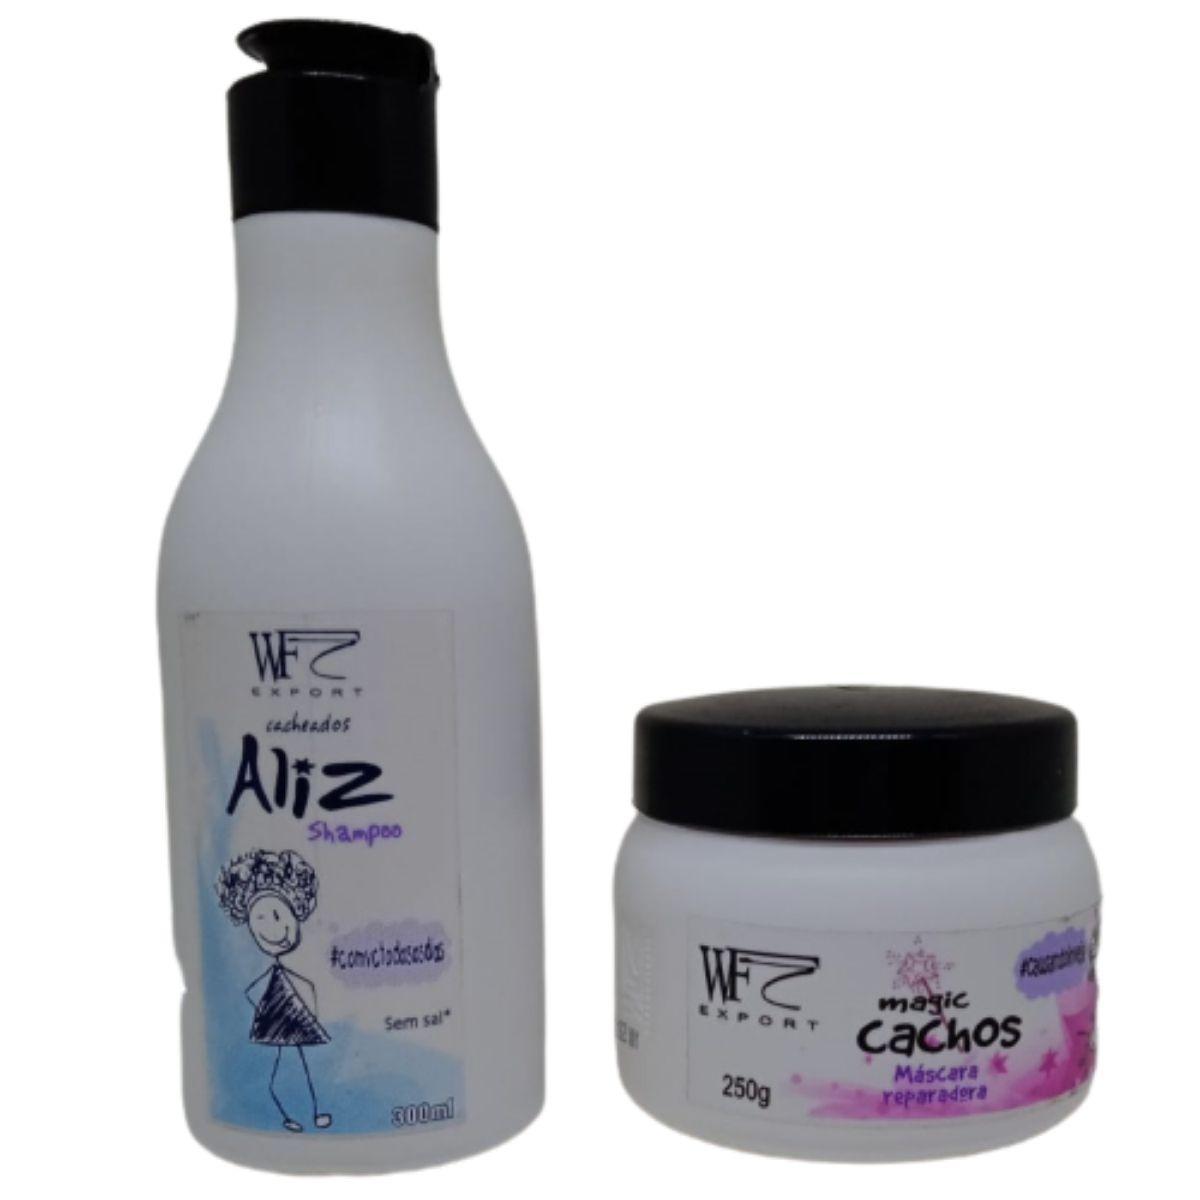 Kit Wf Cosméticos Aliz Duo Home Care (2 Produtos)